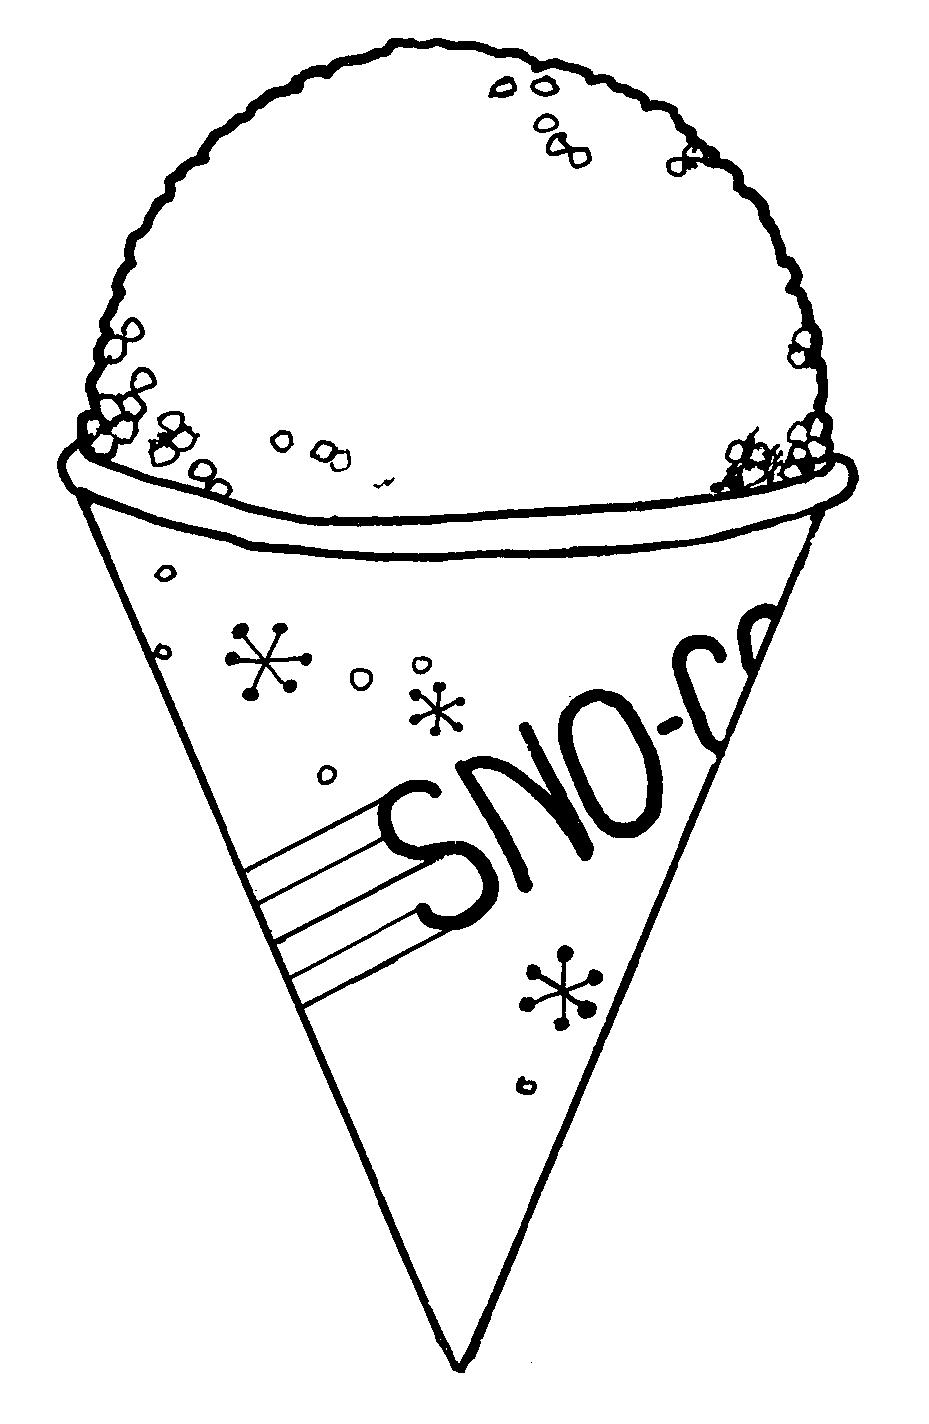 Download Snow Cone Clipart. Cg_snocone .-Download Snow Cone Clipart. cg_snocone .-5